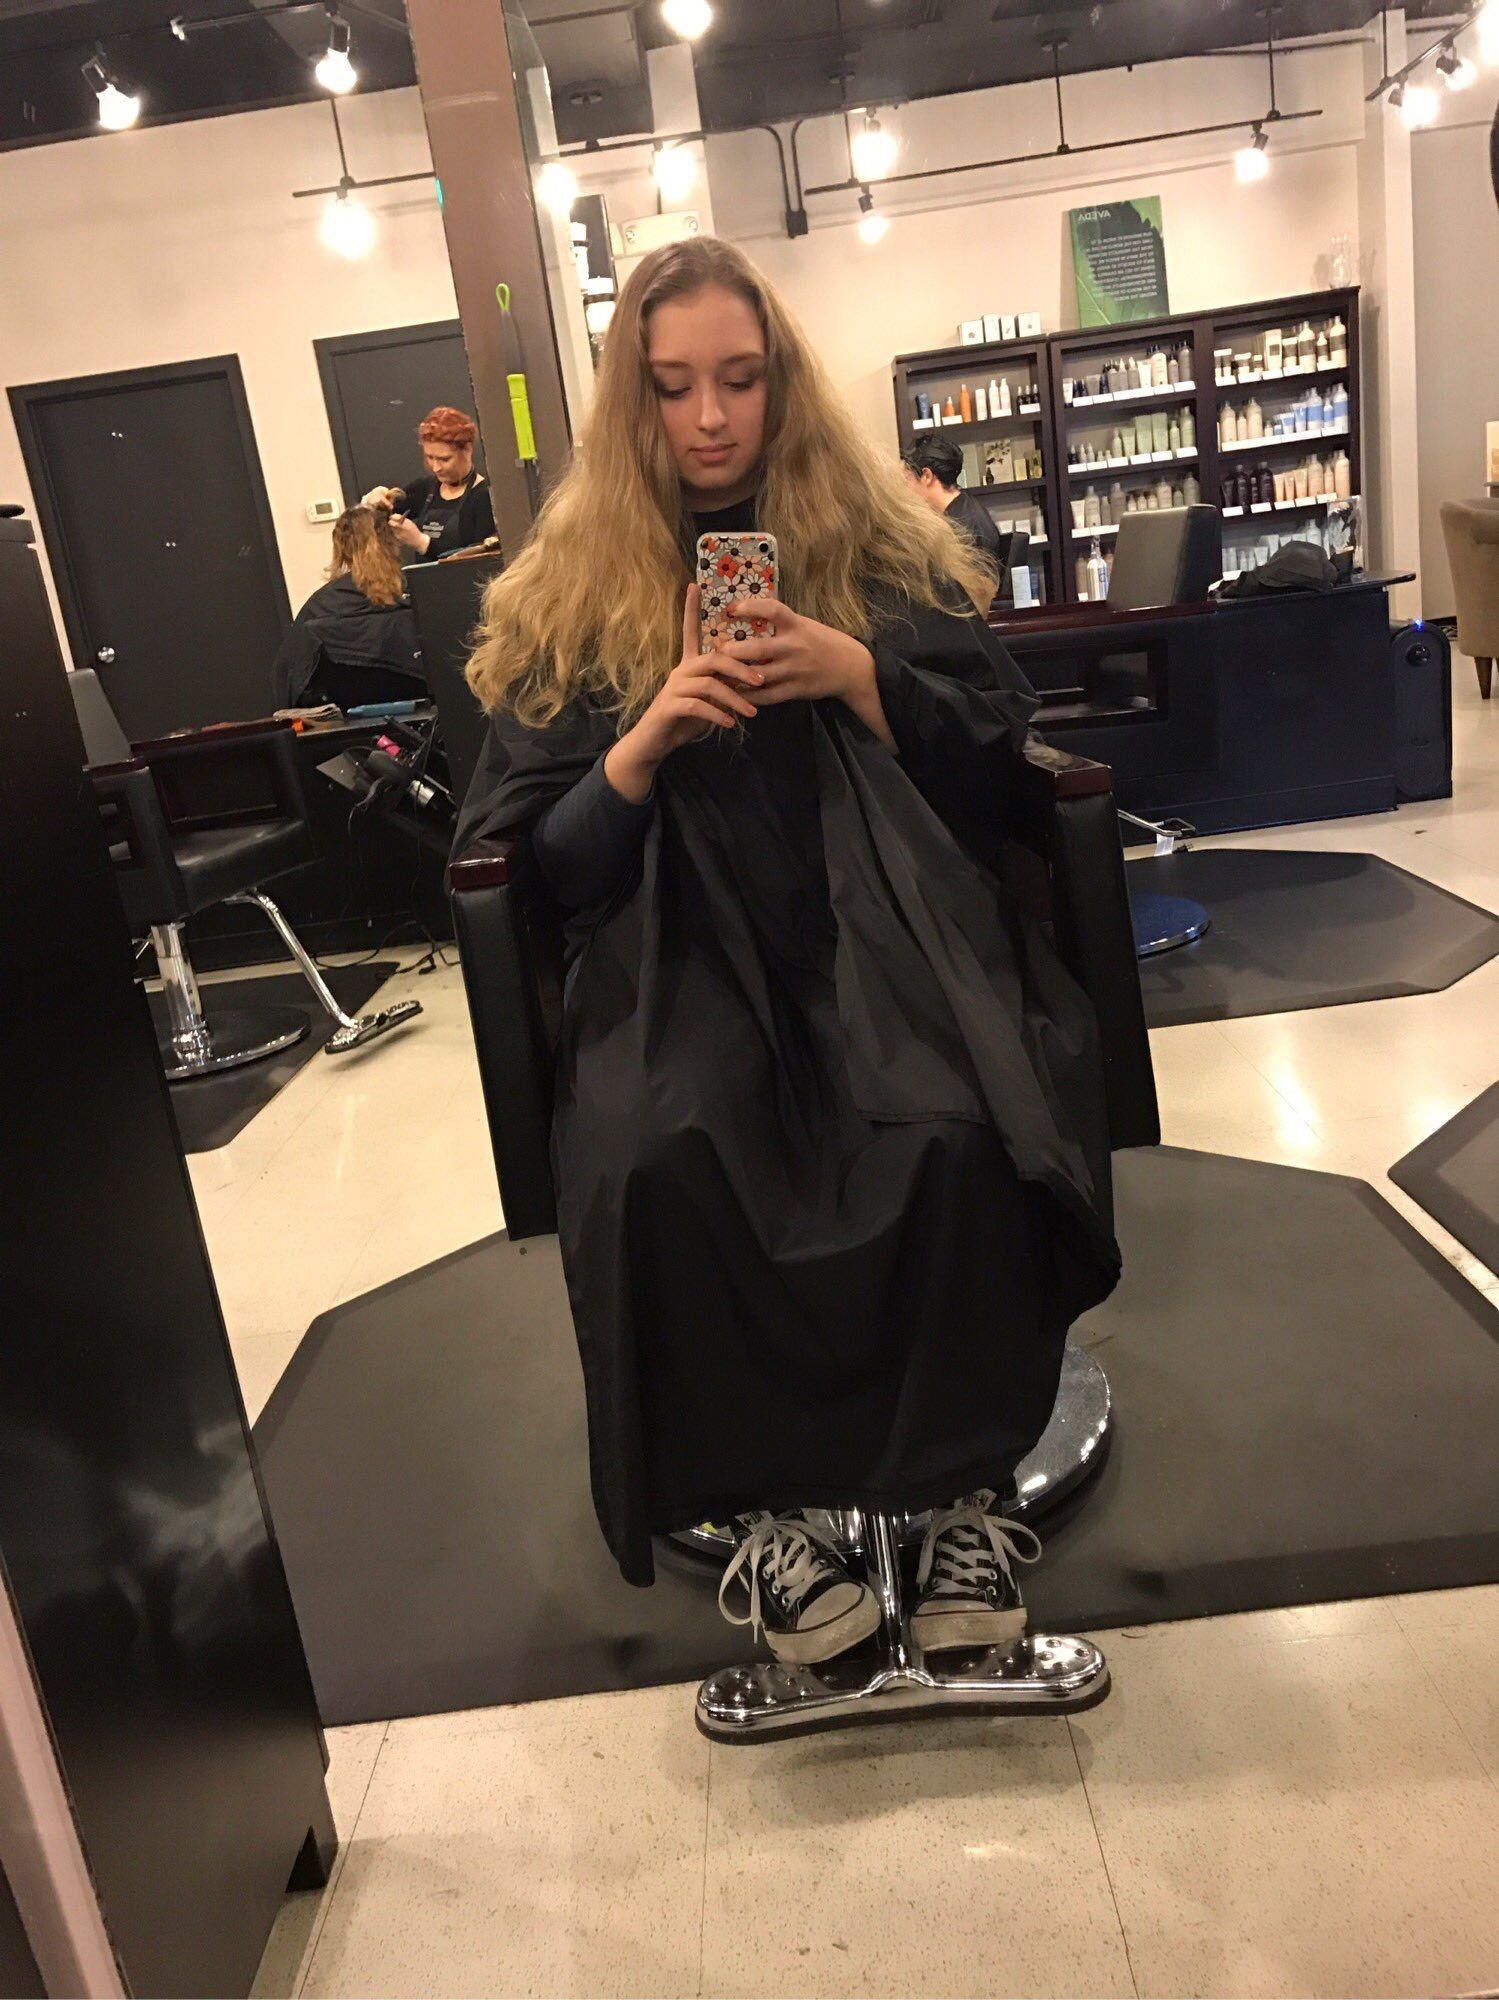 Hair cape fetish